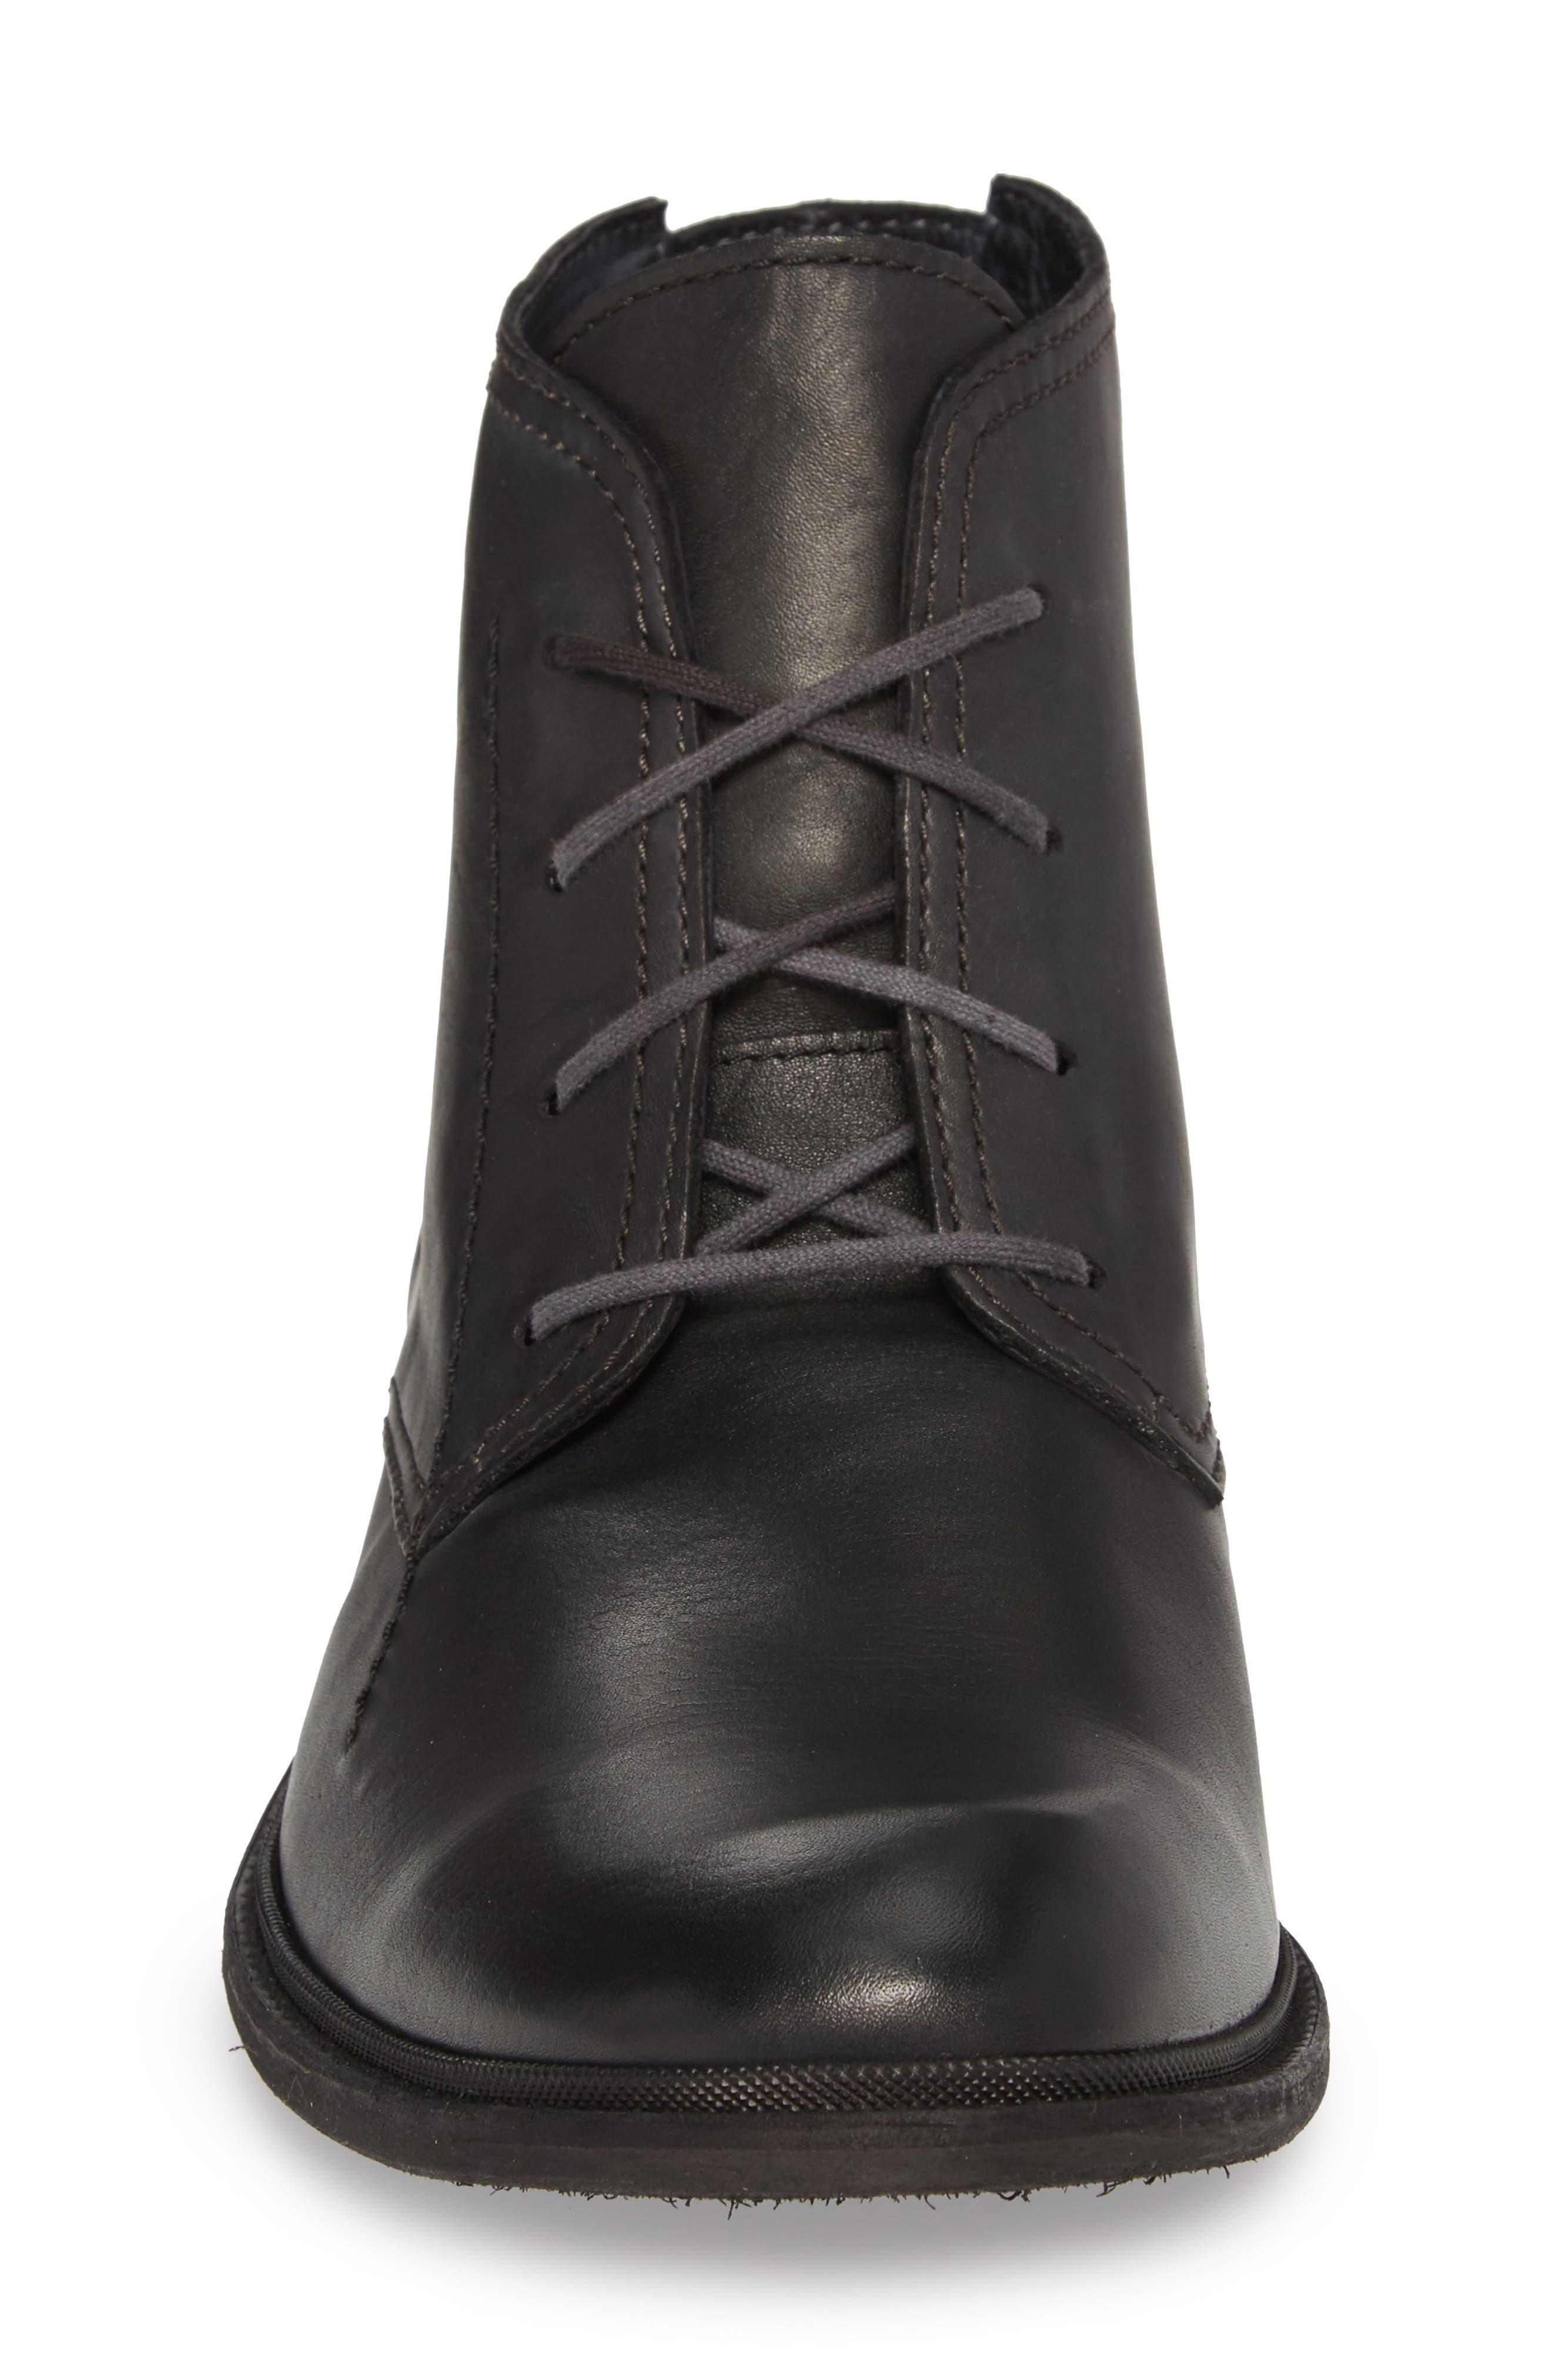 Hobi Plain Toe Chukka Boot,                             Alternate thumbnail 4, color,                             Black Leather